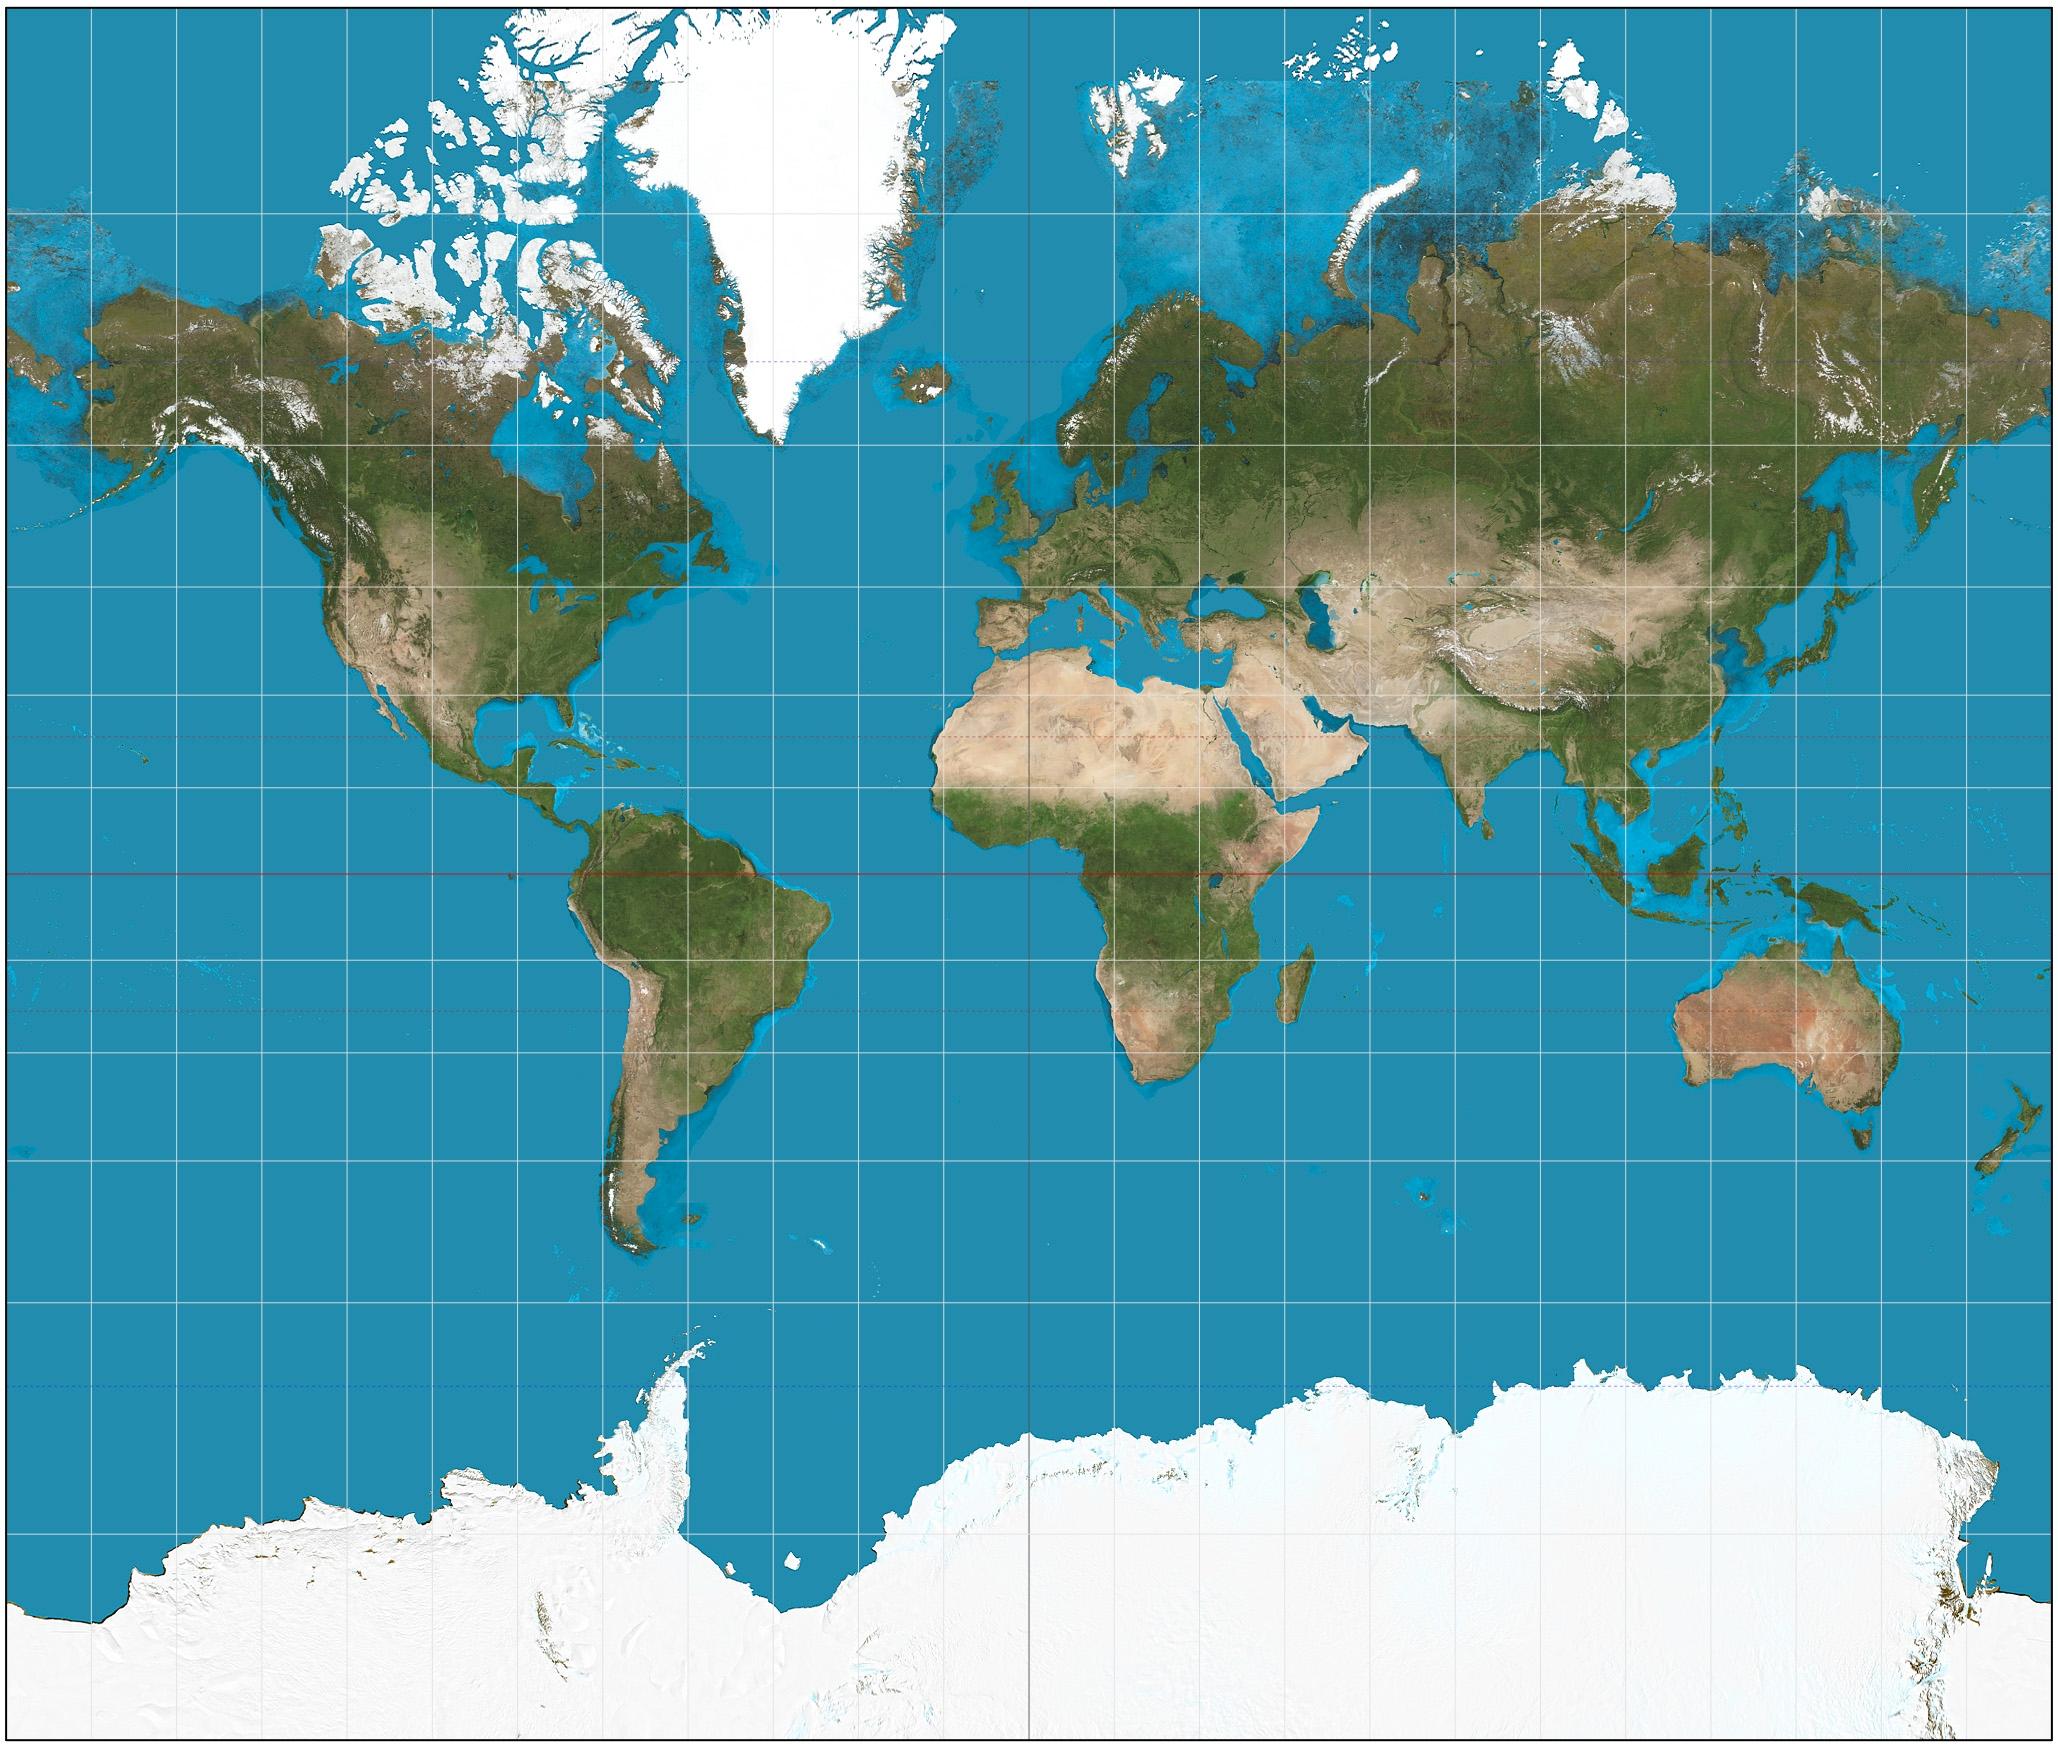 「麥卡托投影法」,優點是地圖的方向、陸地的形狀可以精準呈現,但缺點是高緯度地區會被等比放大。|Photo Credit:Strebe@Wiki CC BY SA 3.0